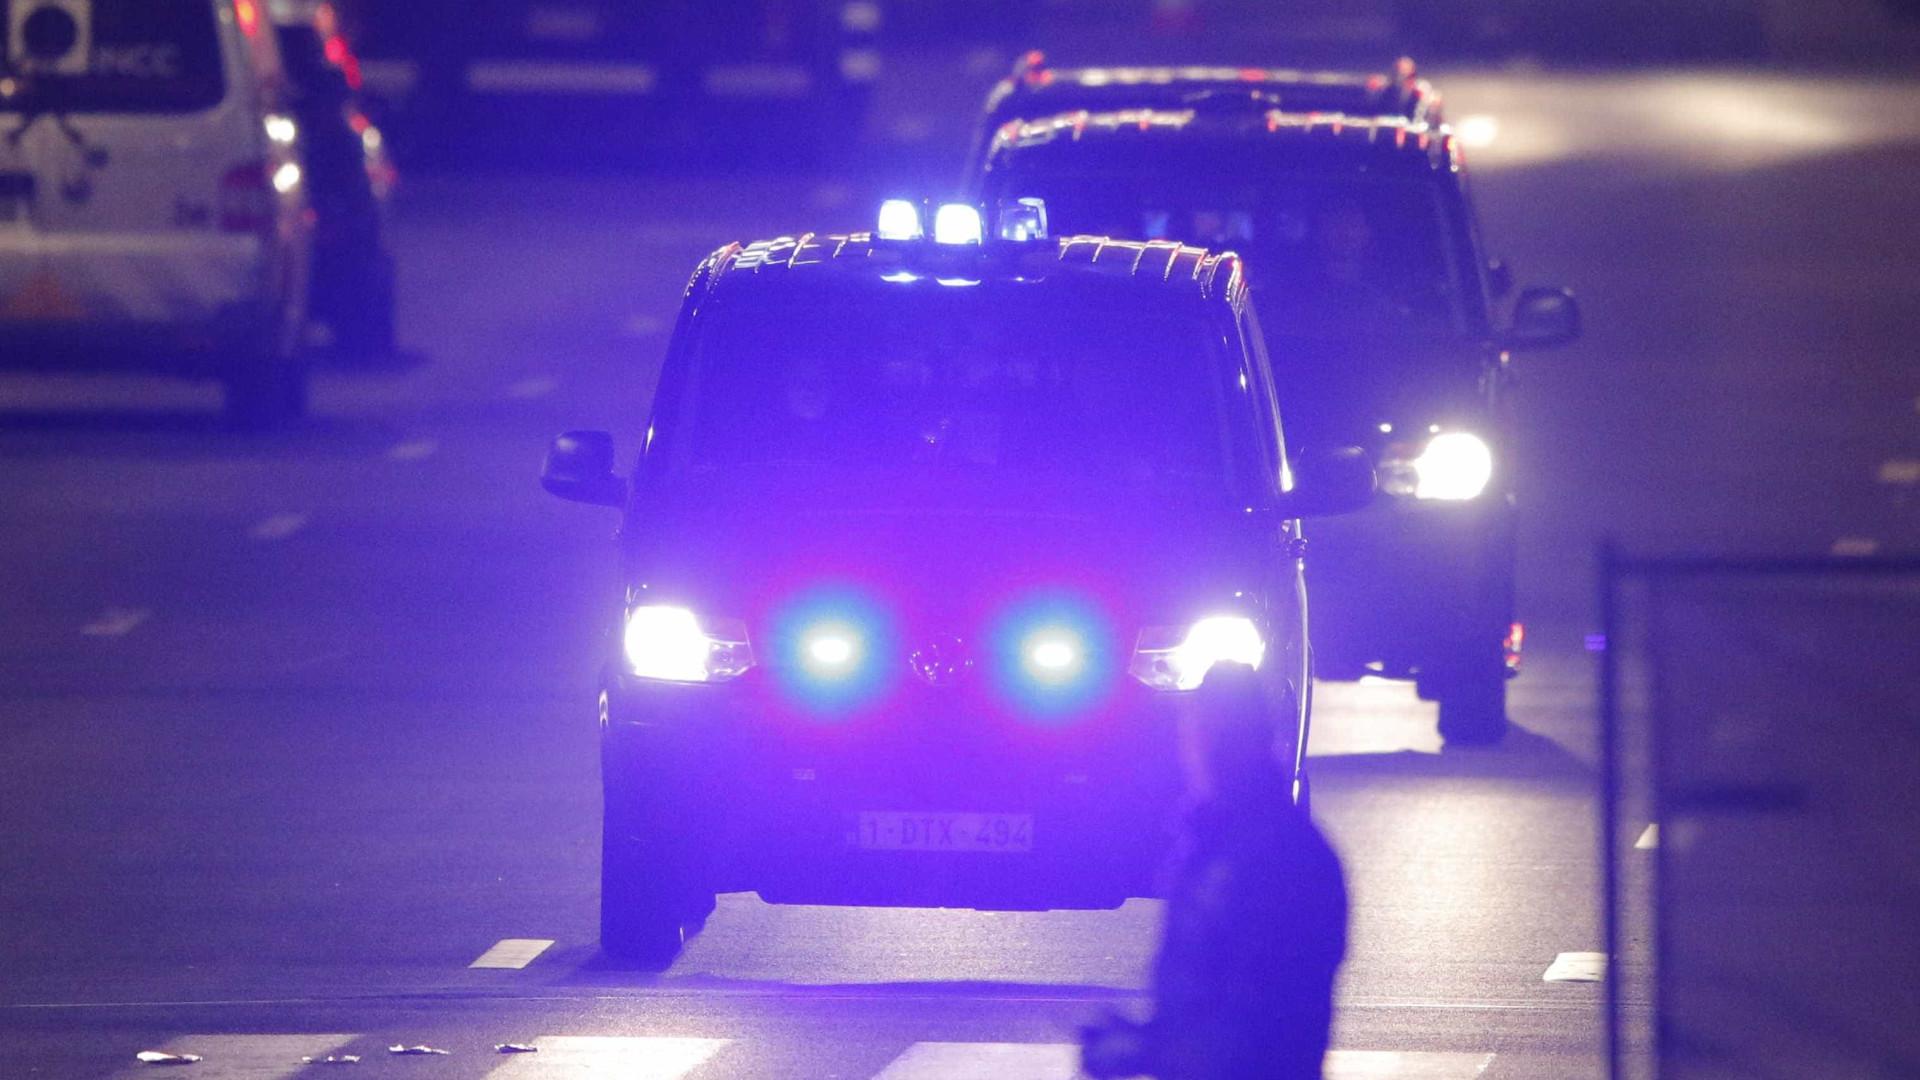 Maquinista ouviu explosão, parou metrô e 'salvou' passageiros